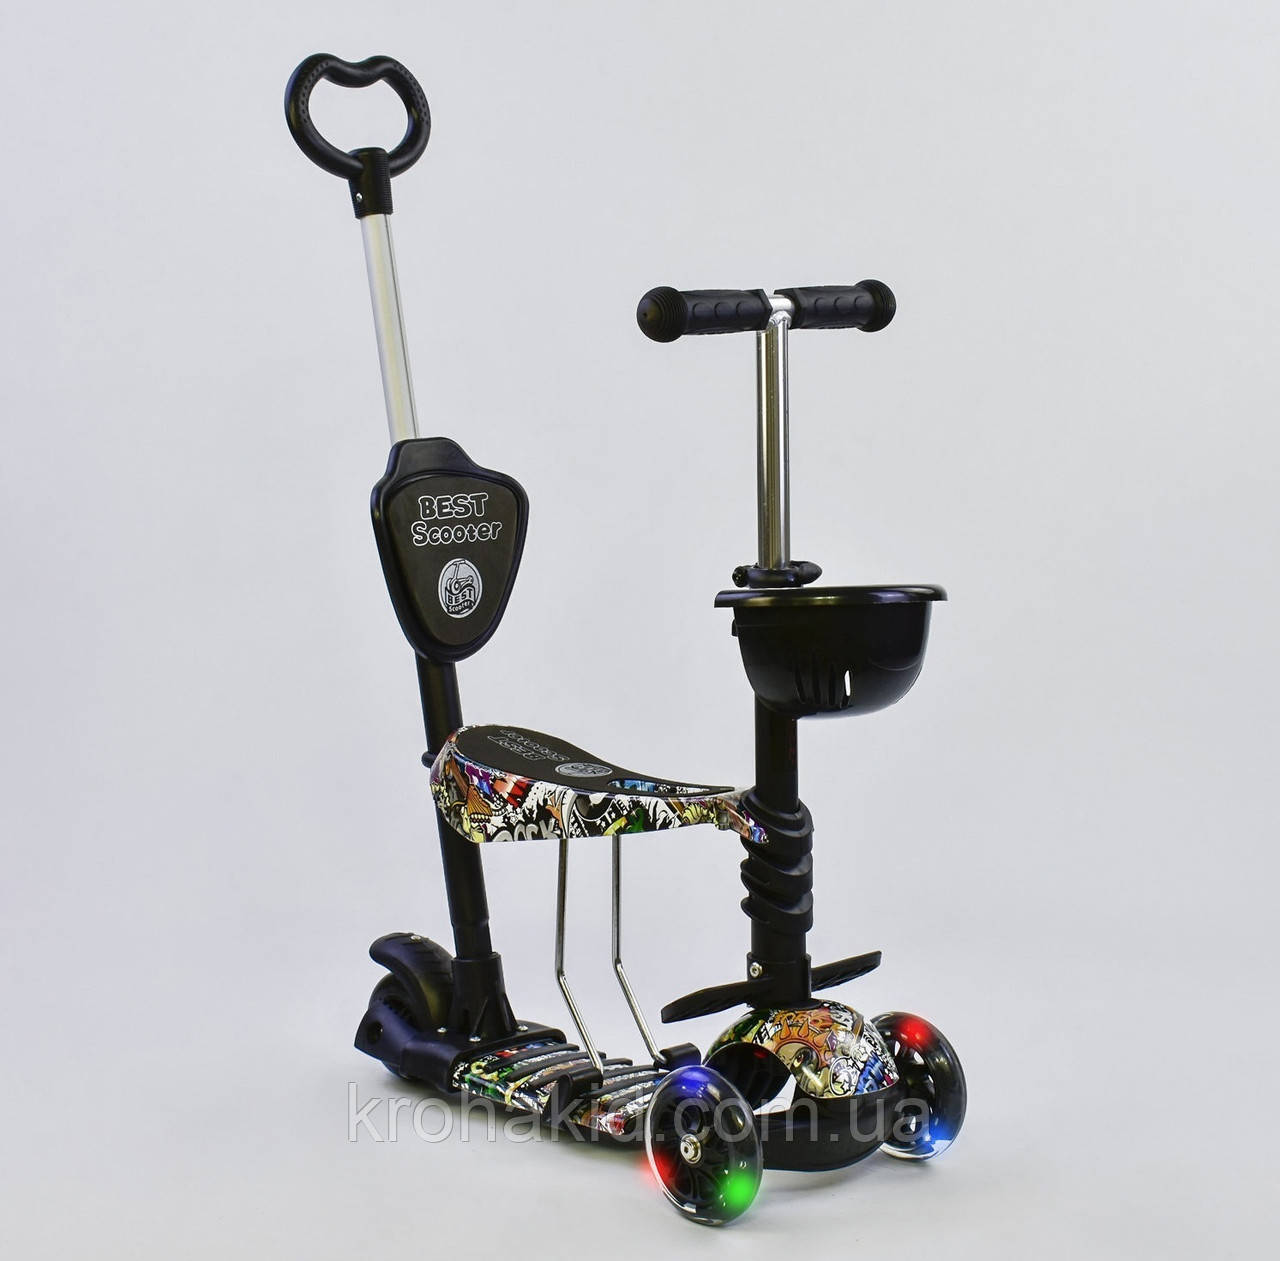 Самокат-беговел 5в1 Best Scooter с родительской ручкой, светящиеся колеса 43700